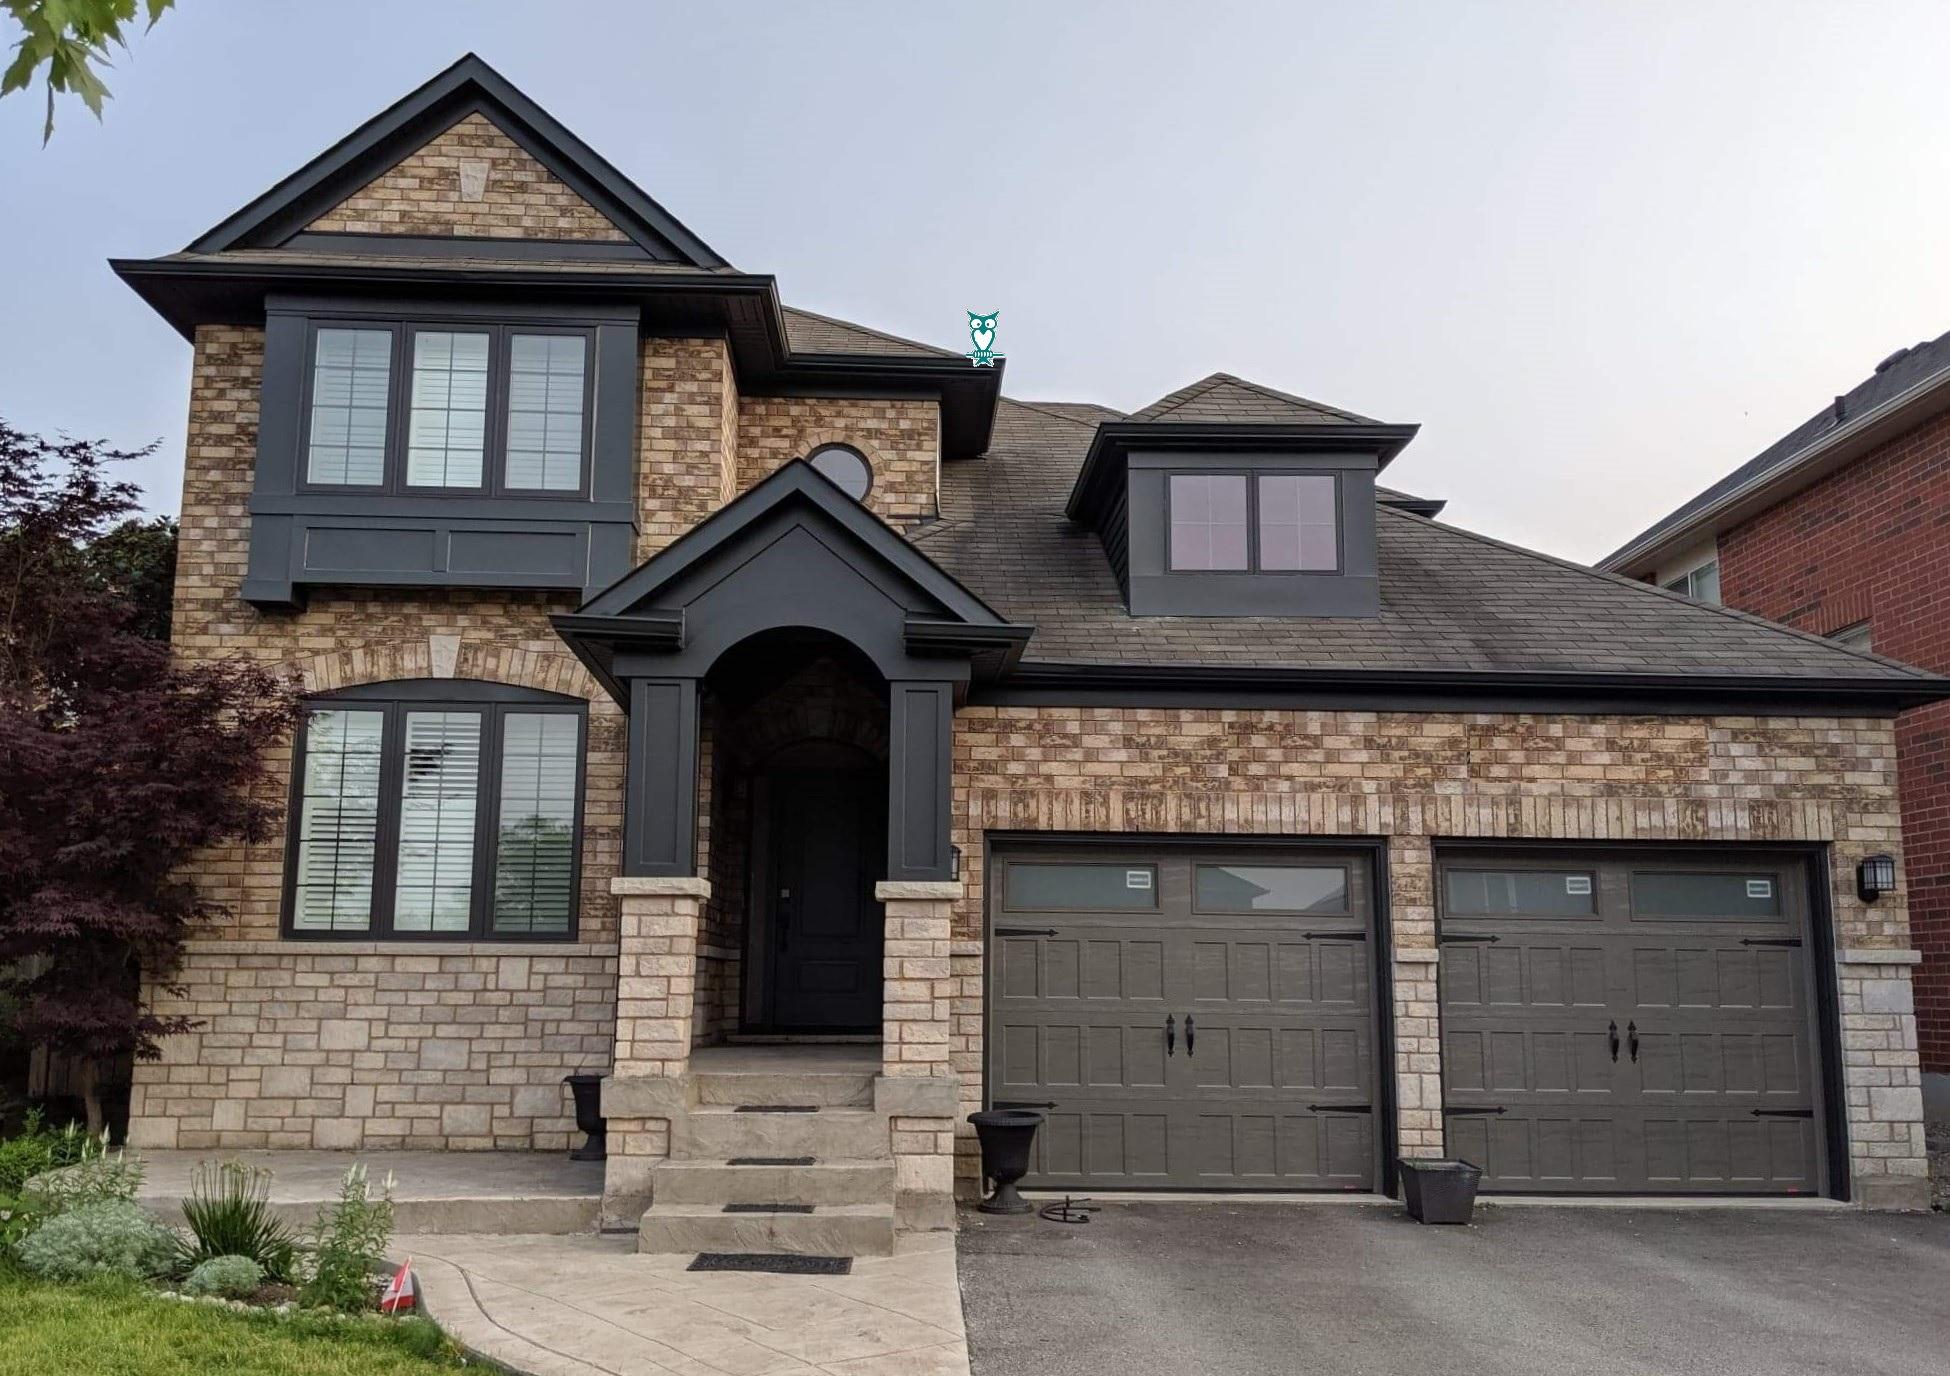 Buy Wise Windows & Doors | 11 Mountainview Road N., Georgetown, OntarioL7G 4T3 | Phone: 905.873.0236